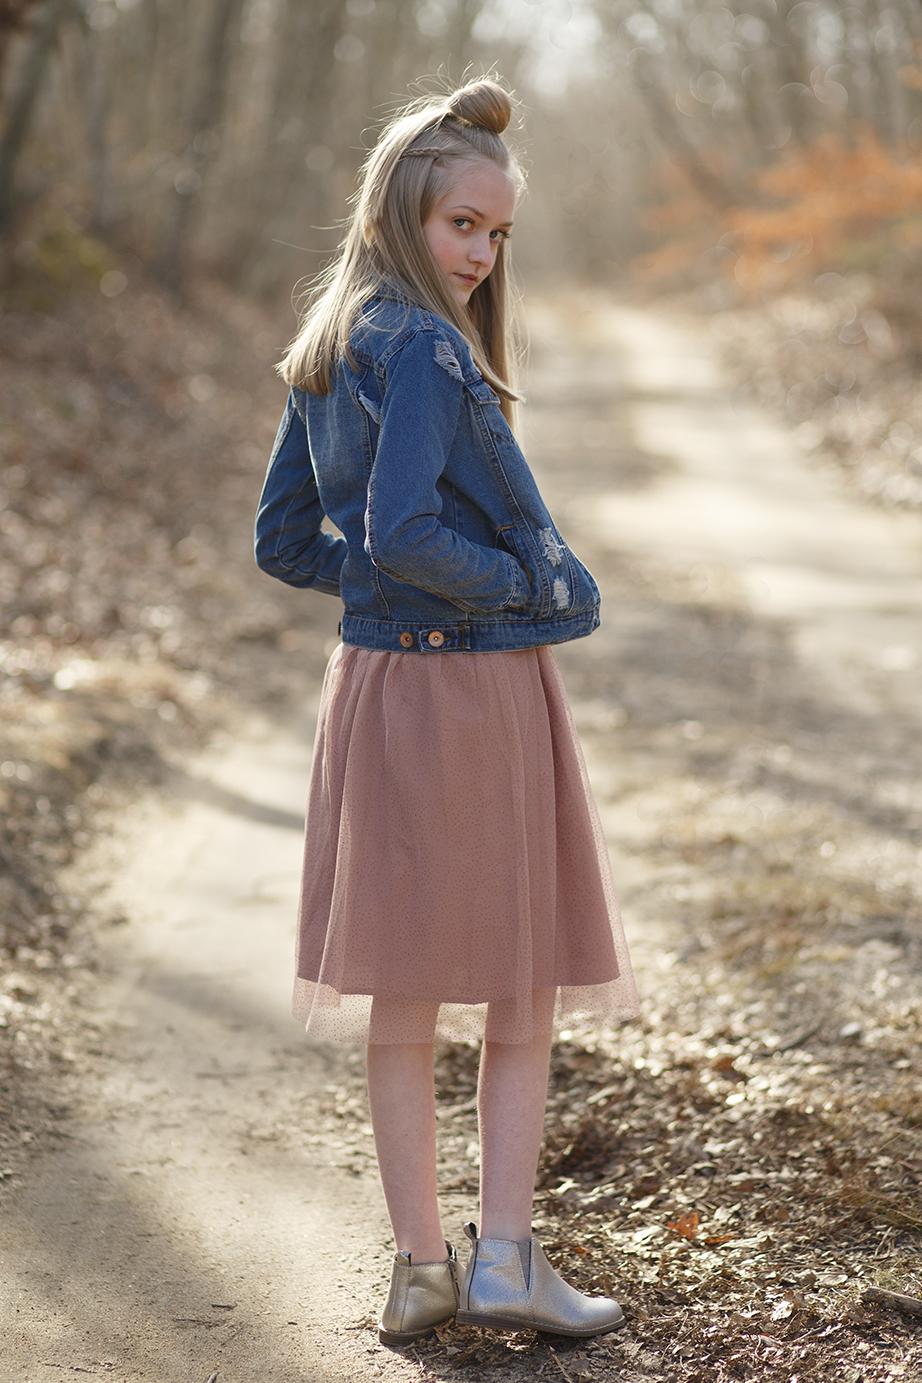 Girls GAP Dress, Destroyed Denim Jacket, GAP Ankle Boots